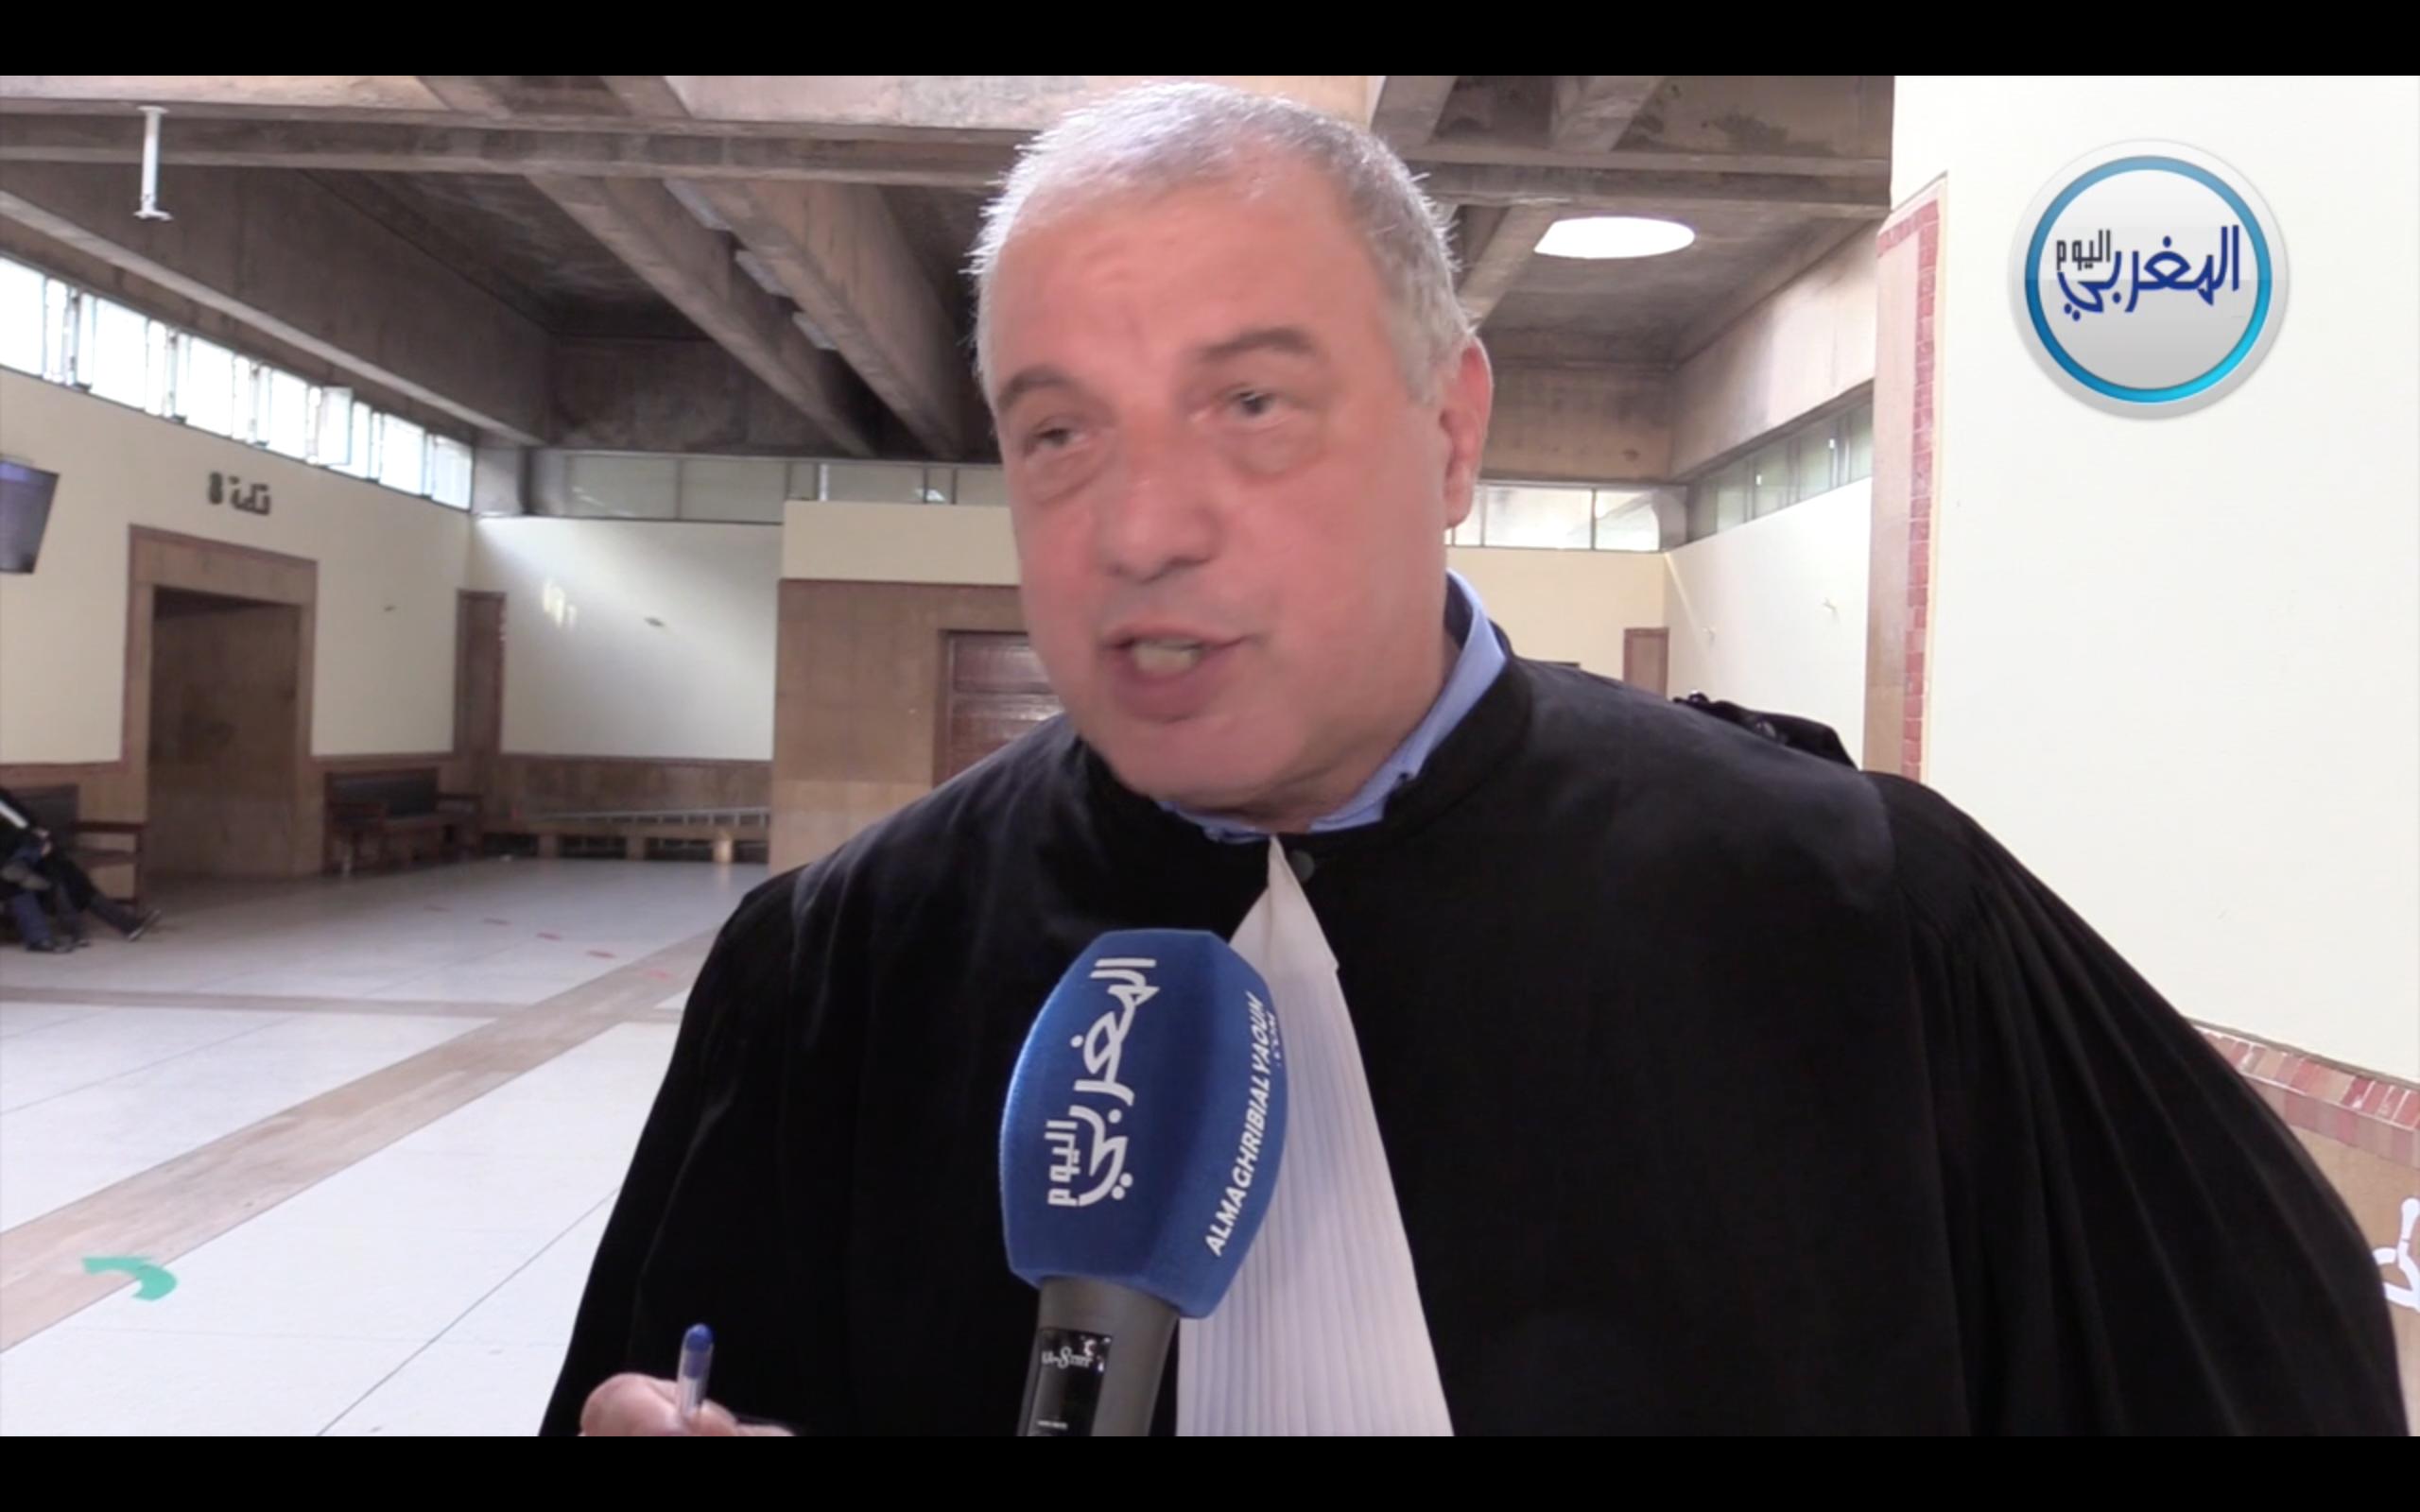 المحامي زهراش دفاع بوعشرين يقدم معطيات زائفة ويمارس التضليل + فيديو